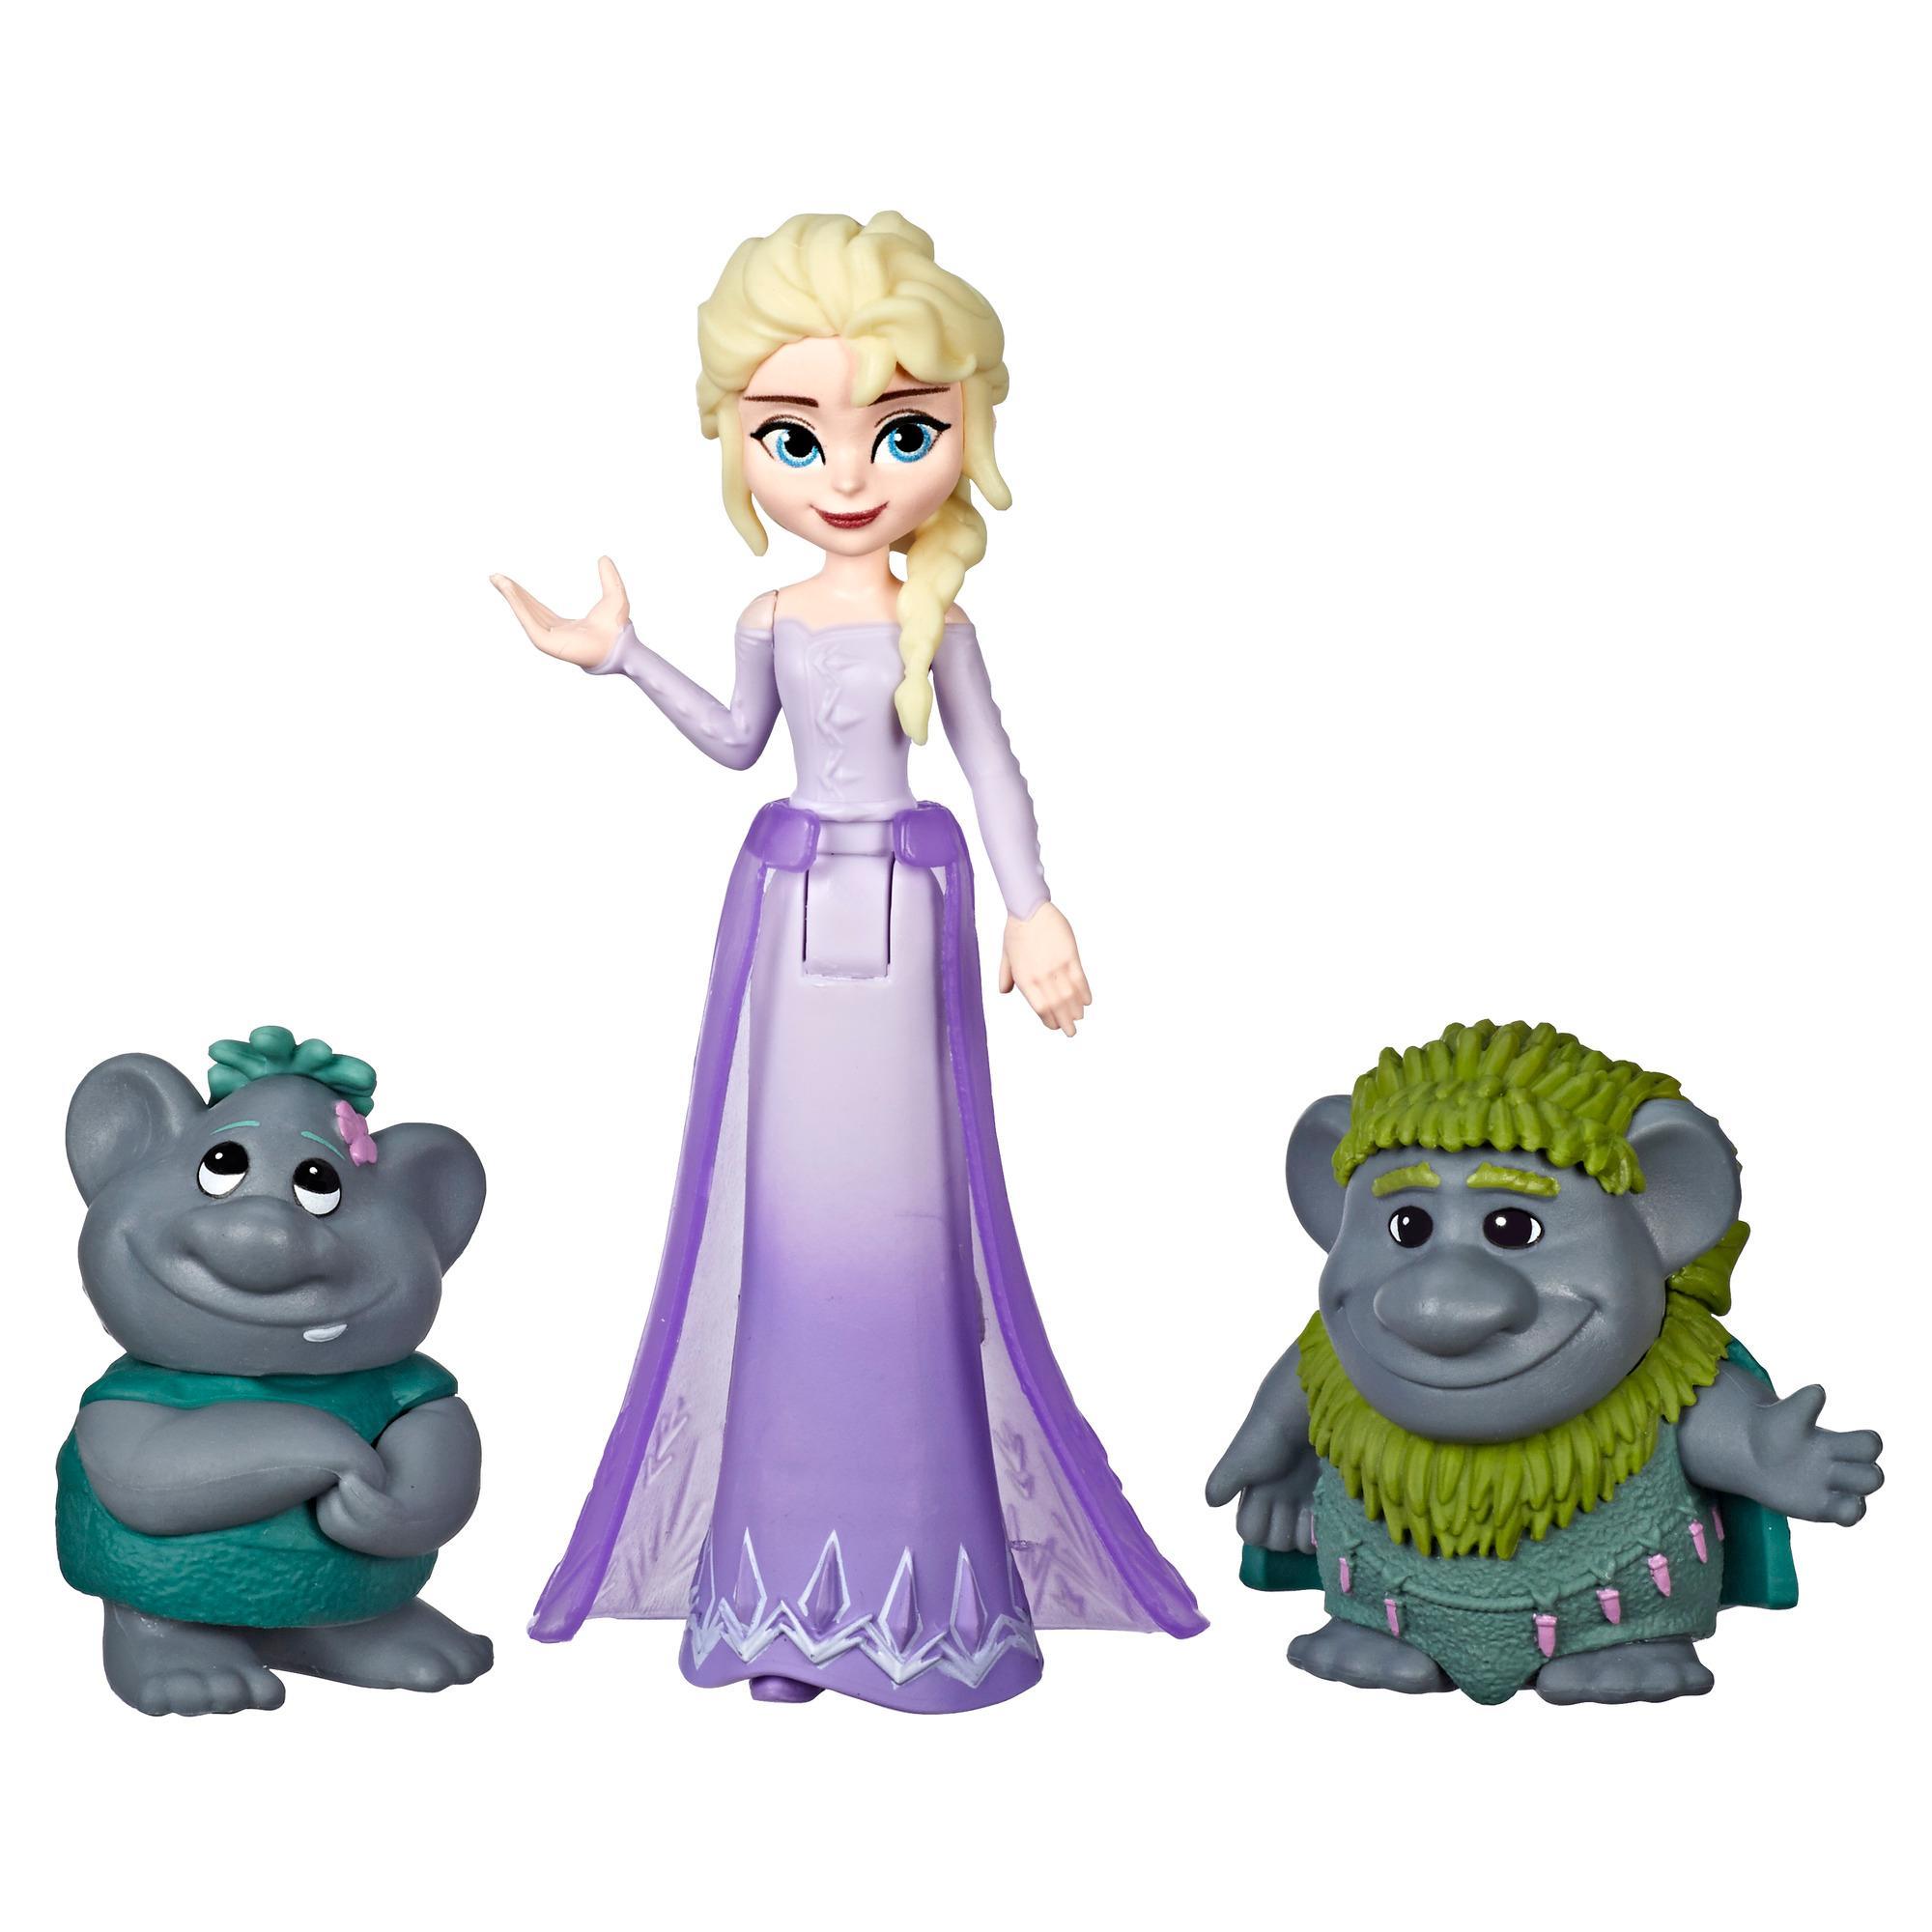 Disney Die Eiskönigin kleine Elsa Puppe mit Trollen, inspiriert durch den Film Die Eiskönigin 2